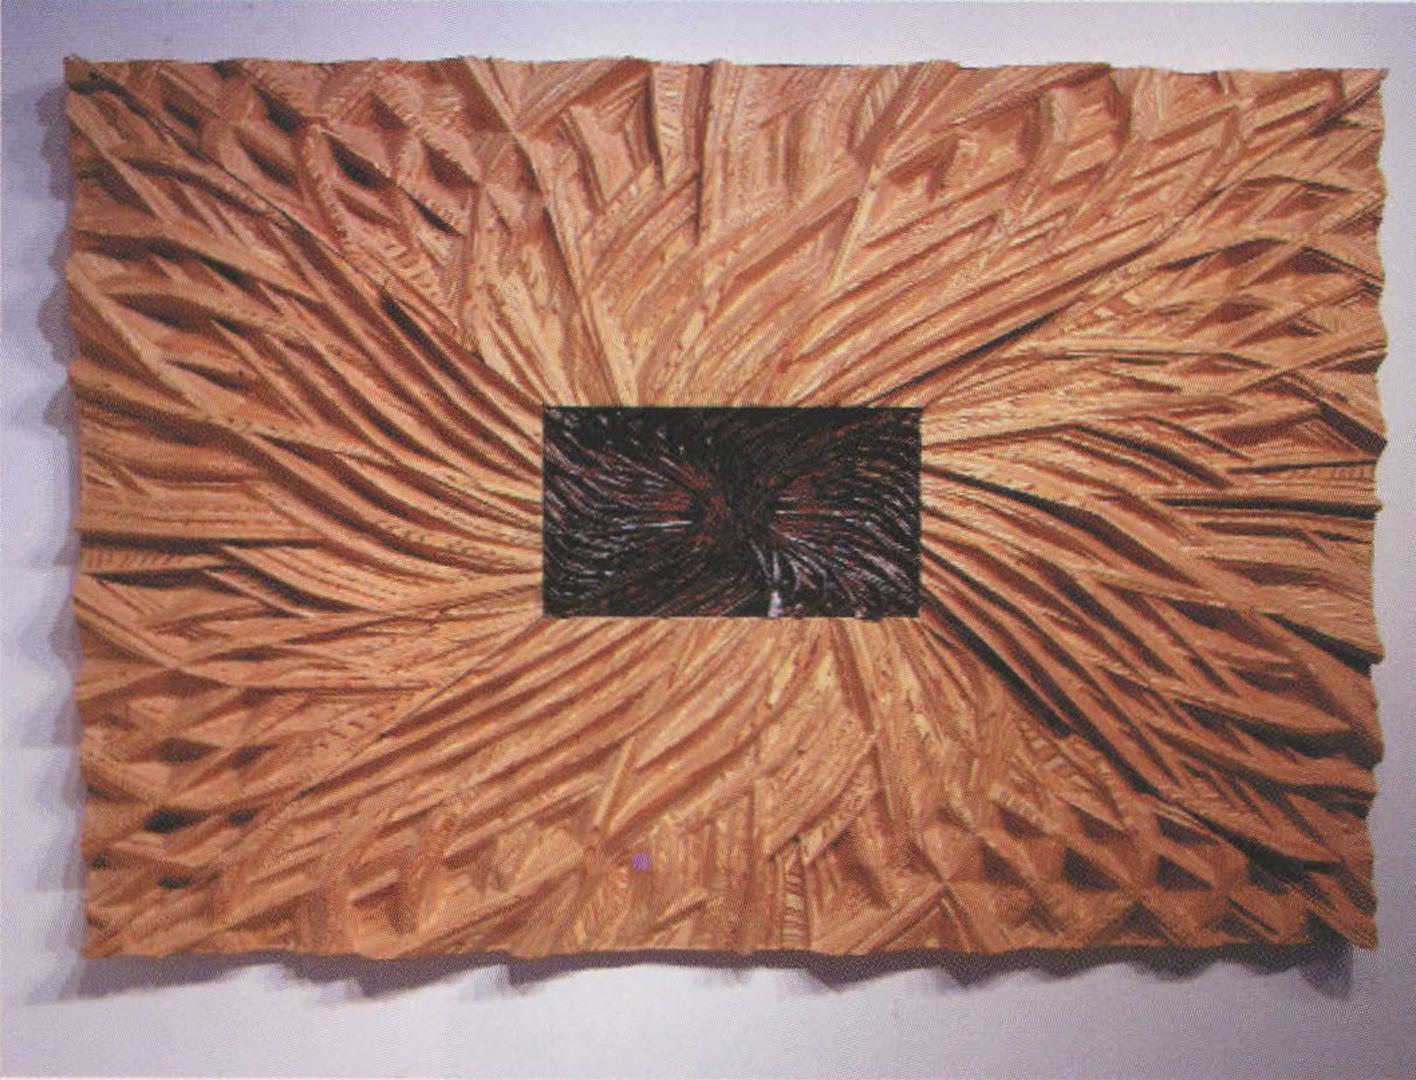 ©2003, Sheldon Brown, Istoria Sculptures